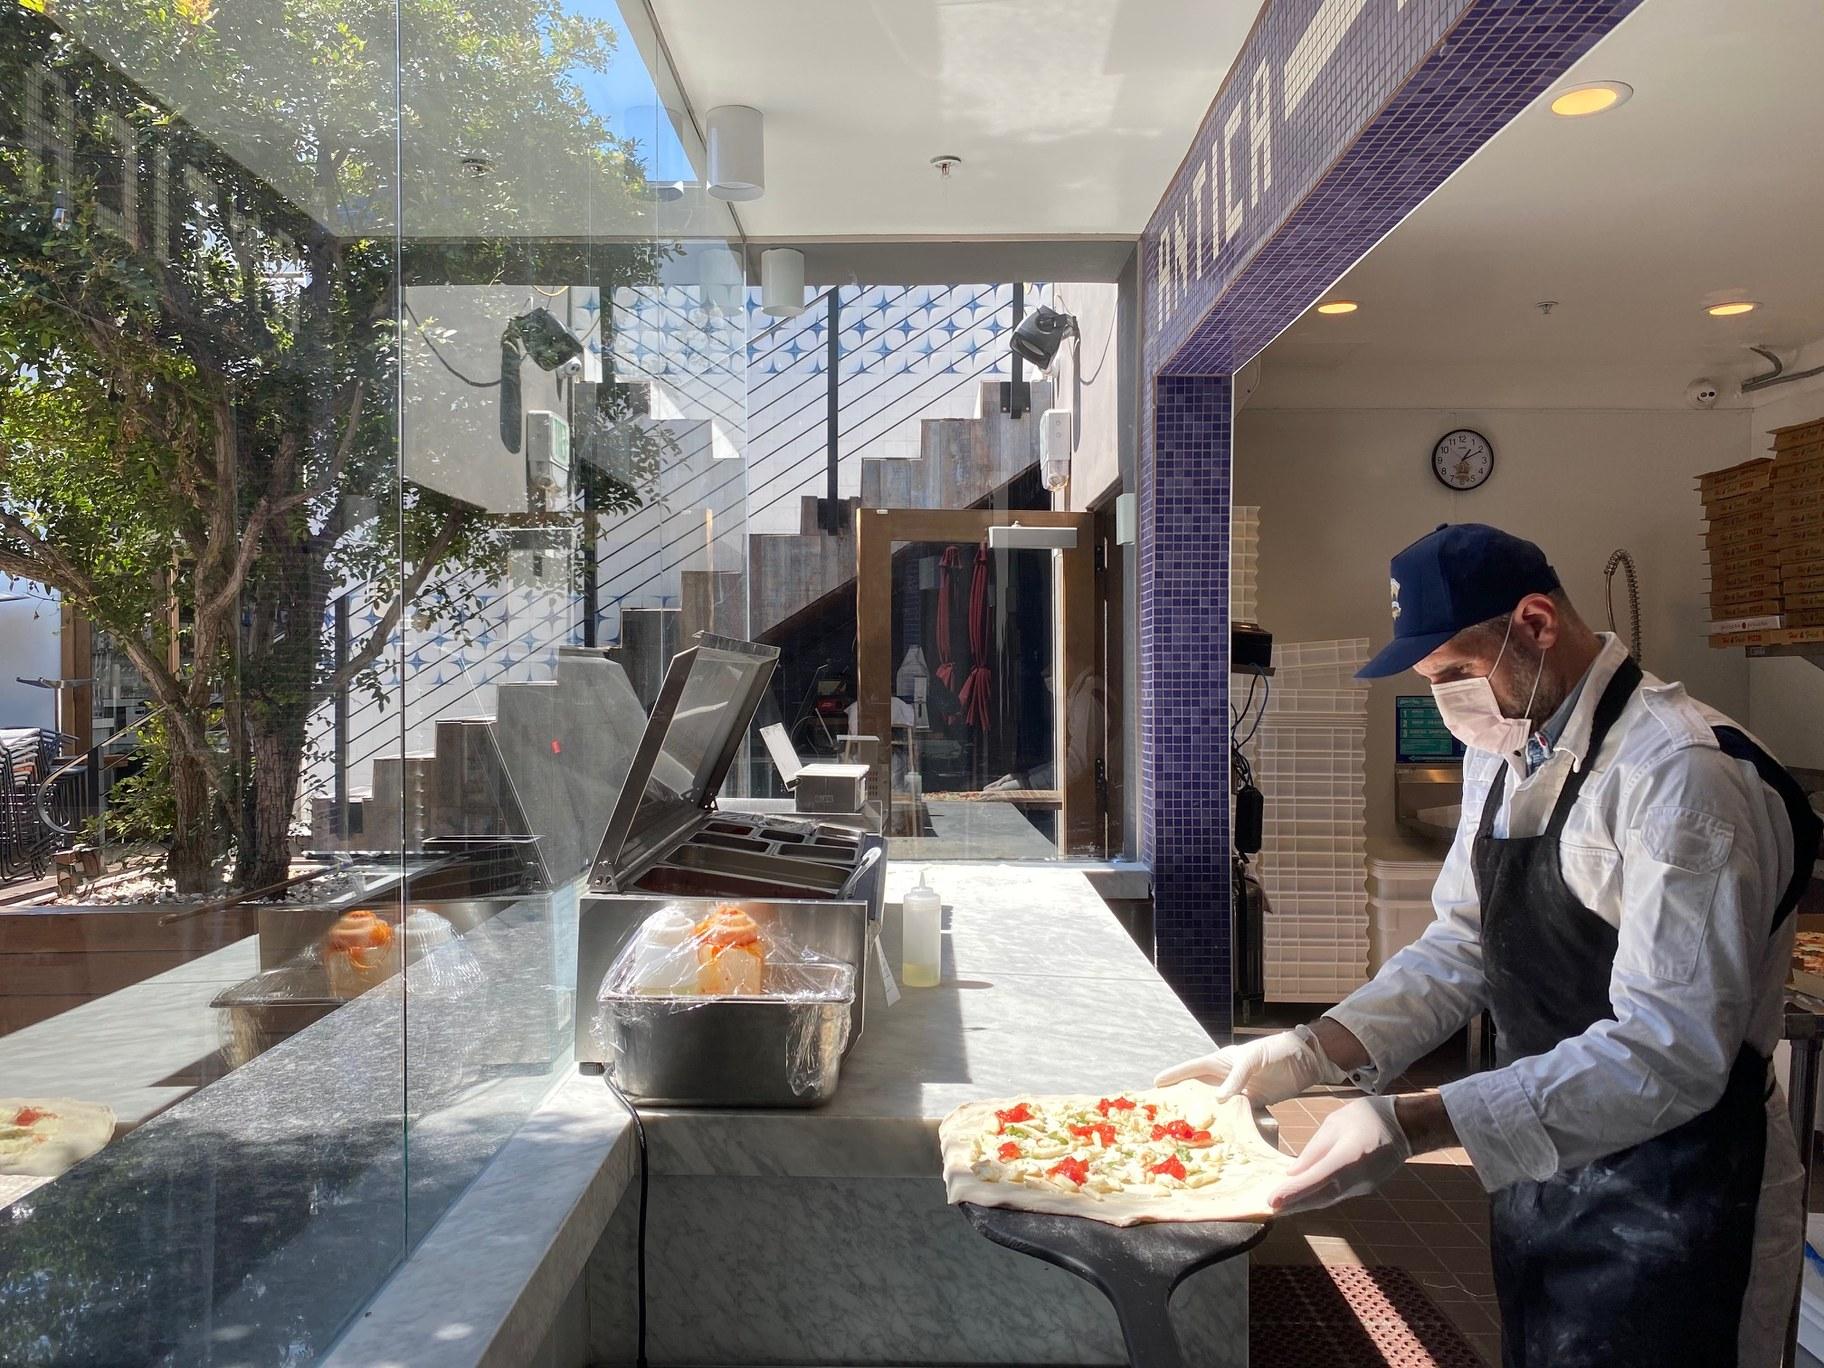 L'Antica Pizzeria da Michele 5 - credit Lucas Zaffarano.jpeg